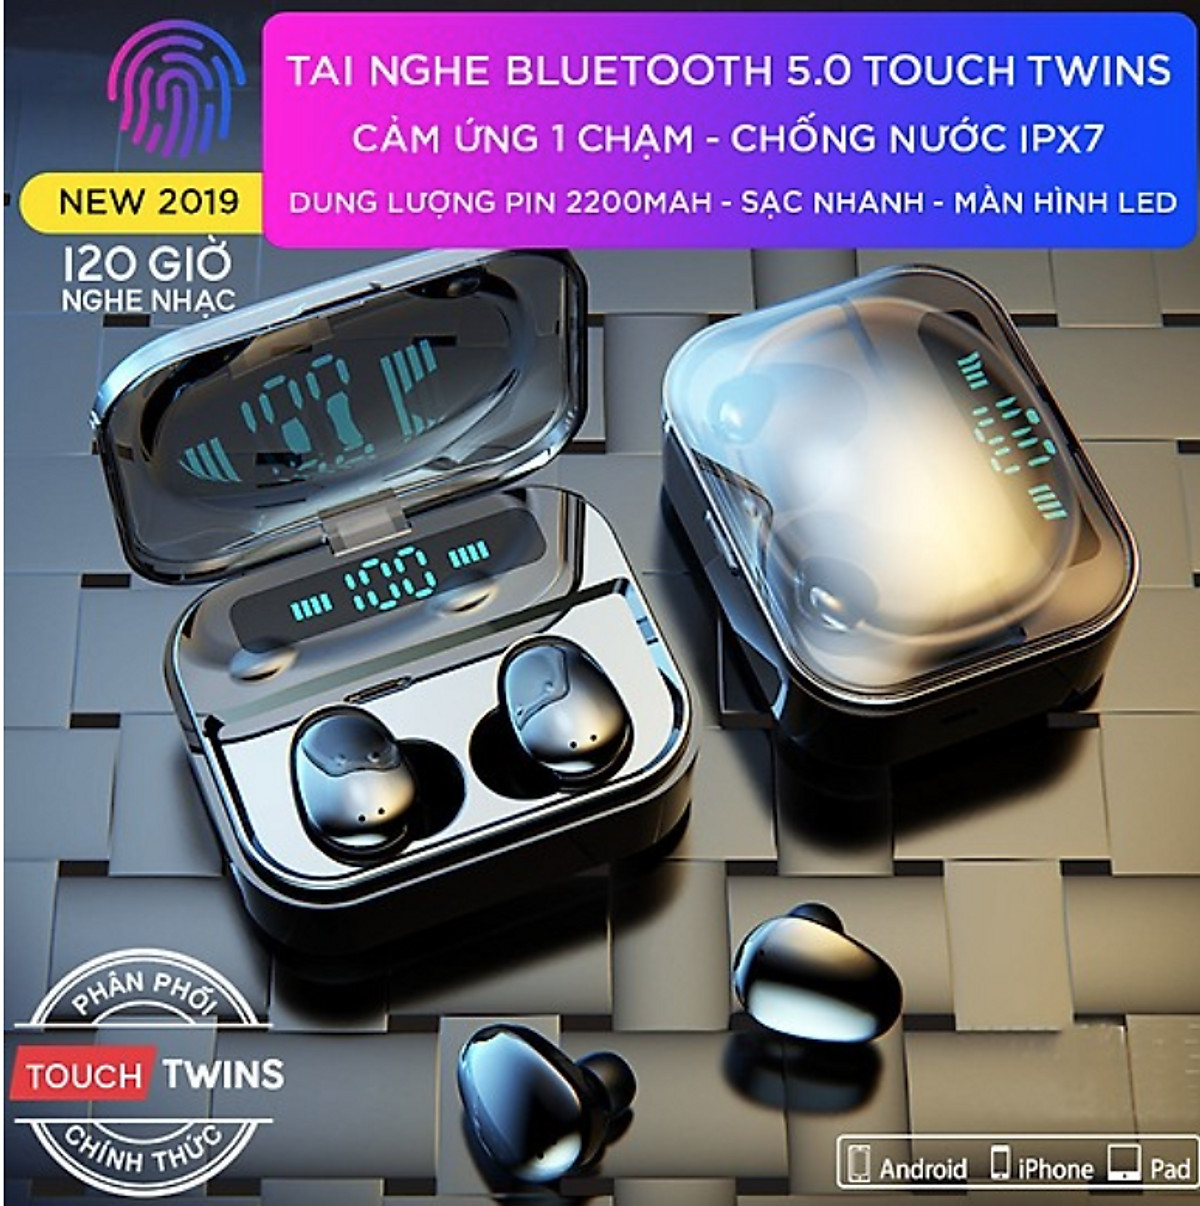 Tai Nghe Bluetooth (Tai Nghe Không Dây) ELEVATED 5.0 Cao Cấp - Tương Thích Cao Với Mọi Loại Điện Thoại - Hàng Chính Hãng